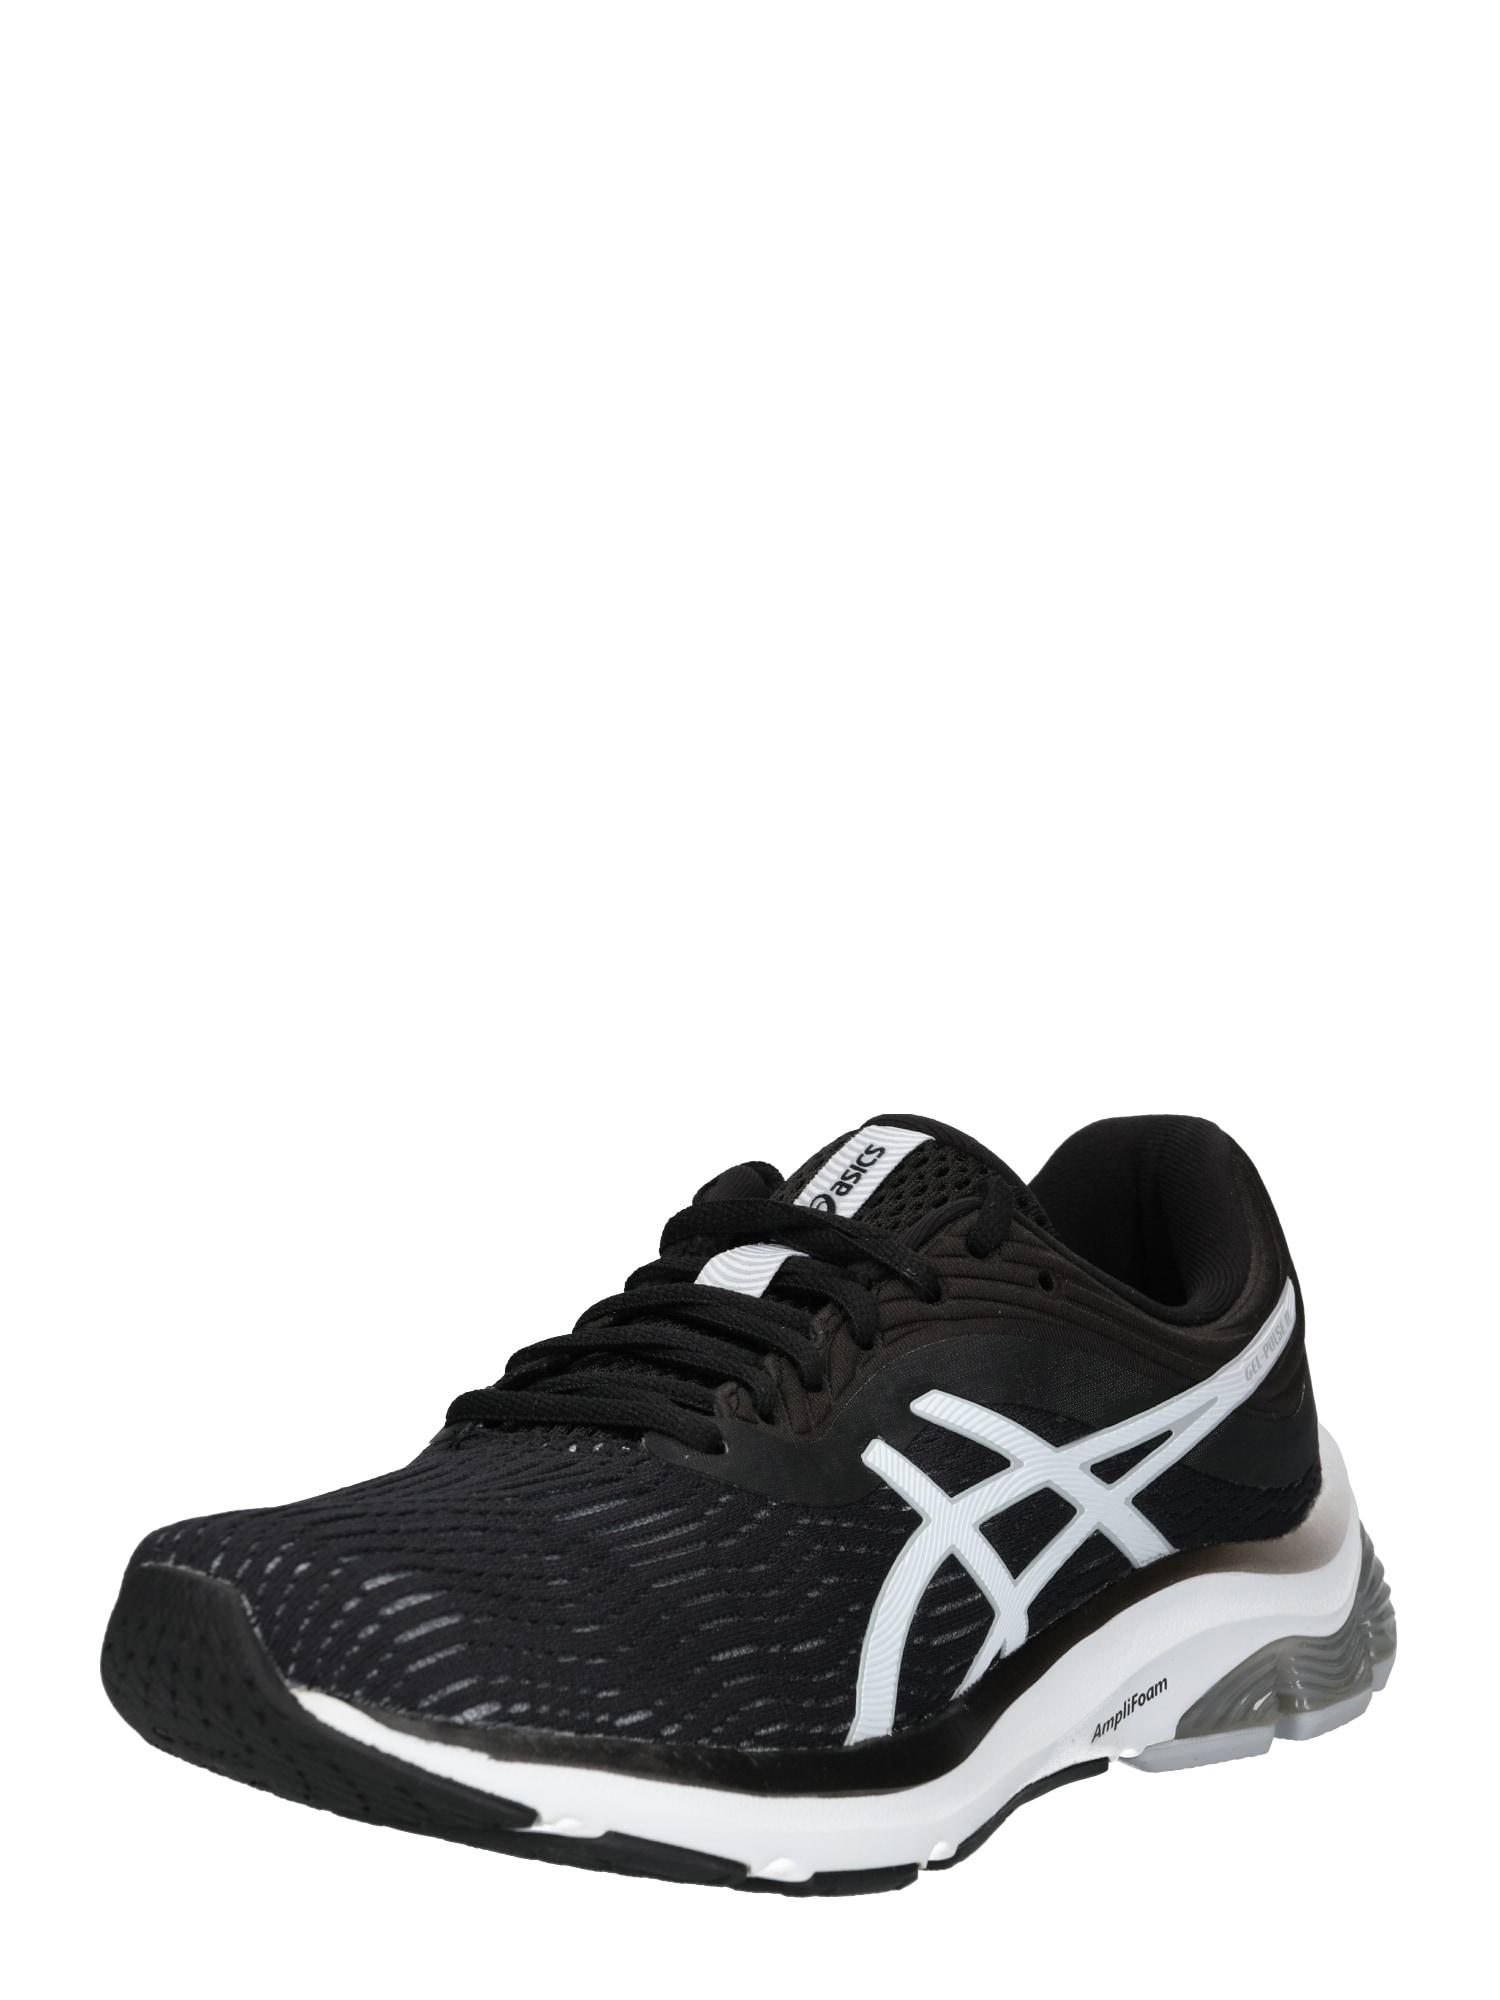 Běžecká obuv GEL-PULSE 11 šedá černá bílá ASICS